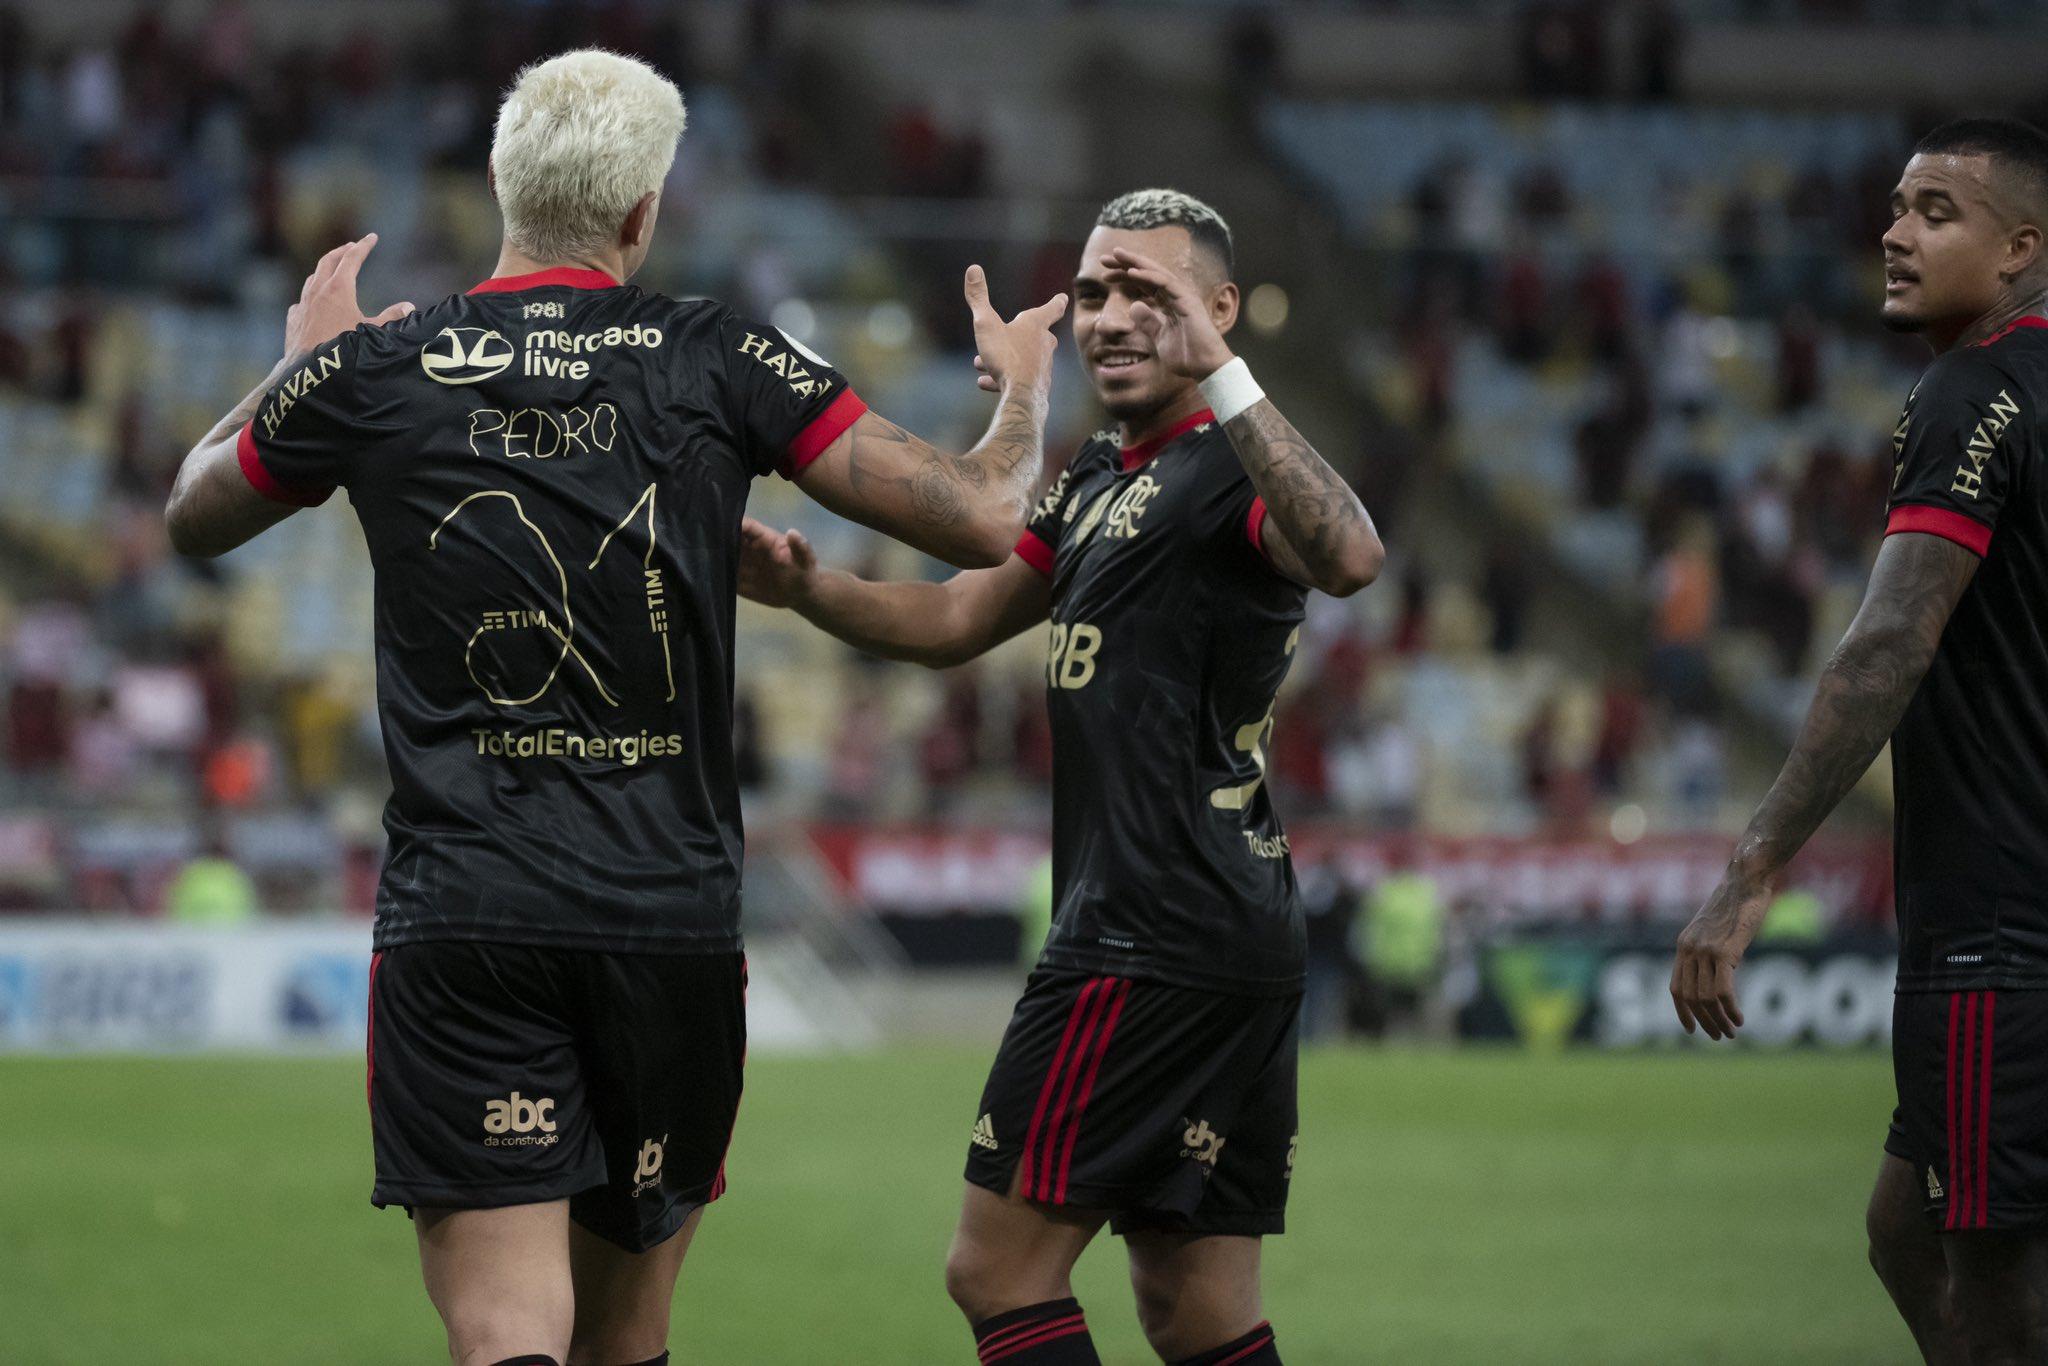 [COMENTE] Como você avalia o desempenho do Flamengo na vitória diante do Juventude?